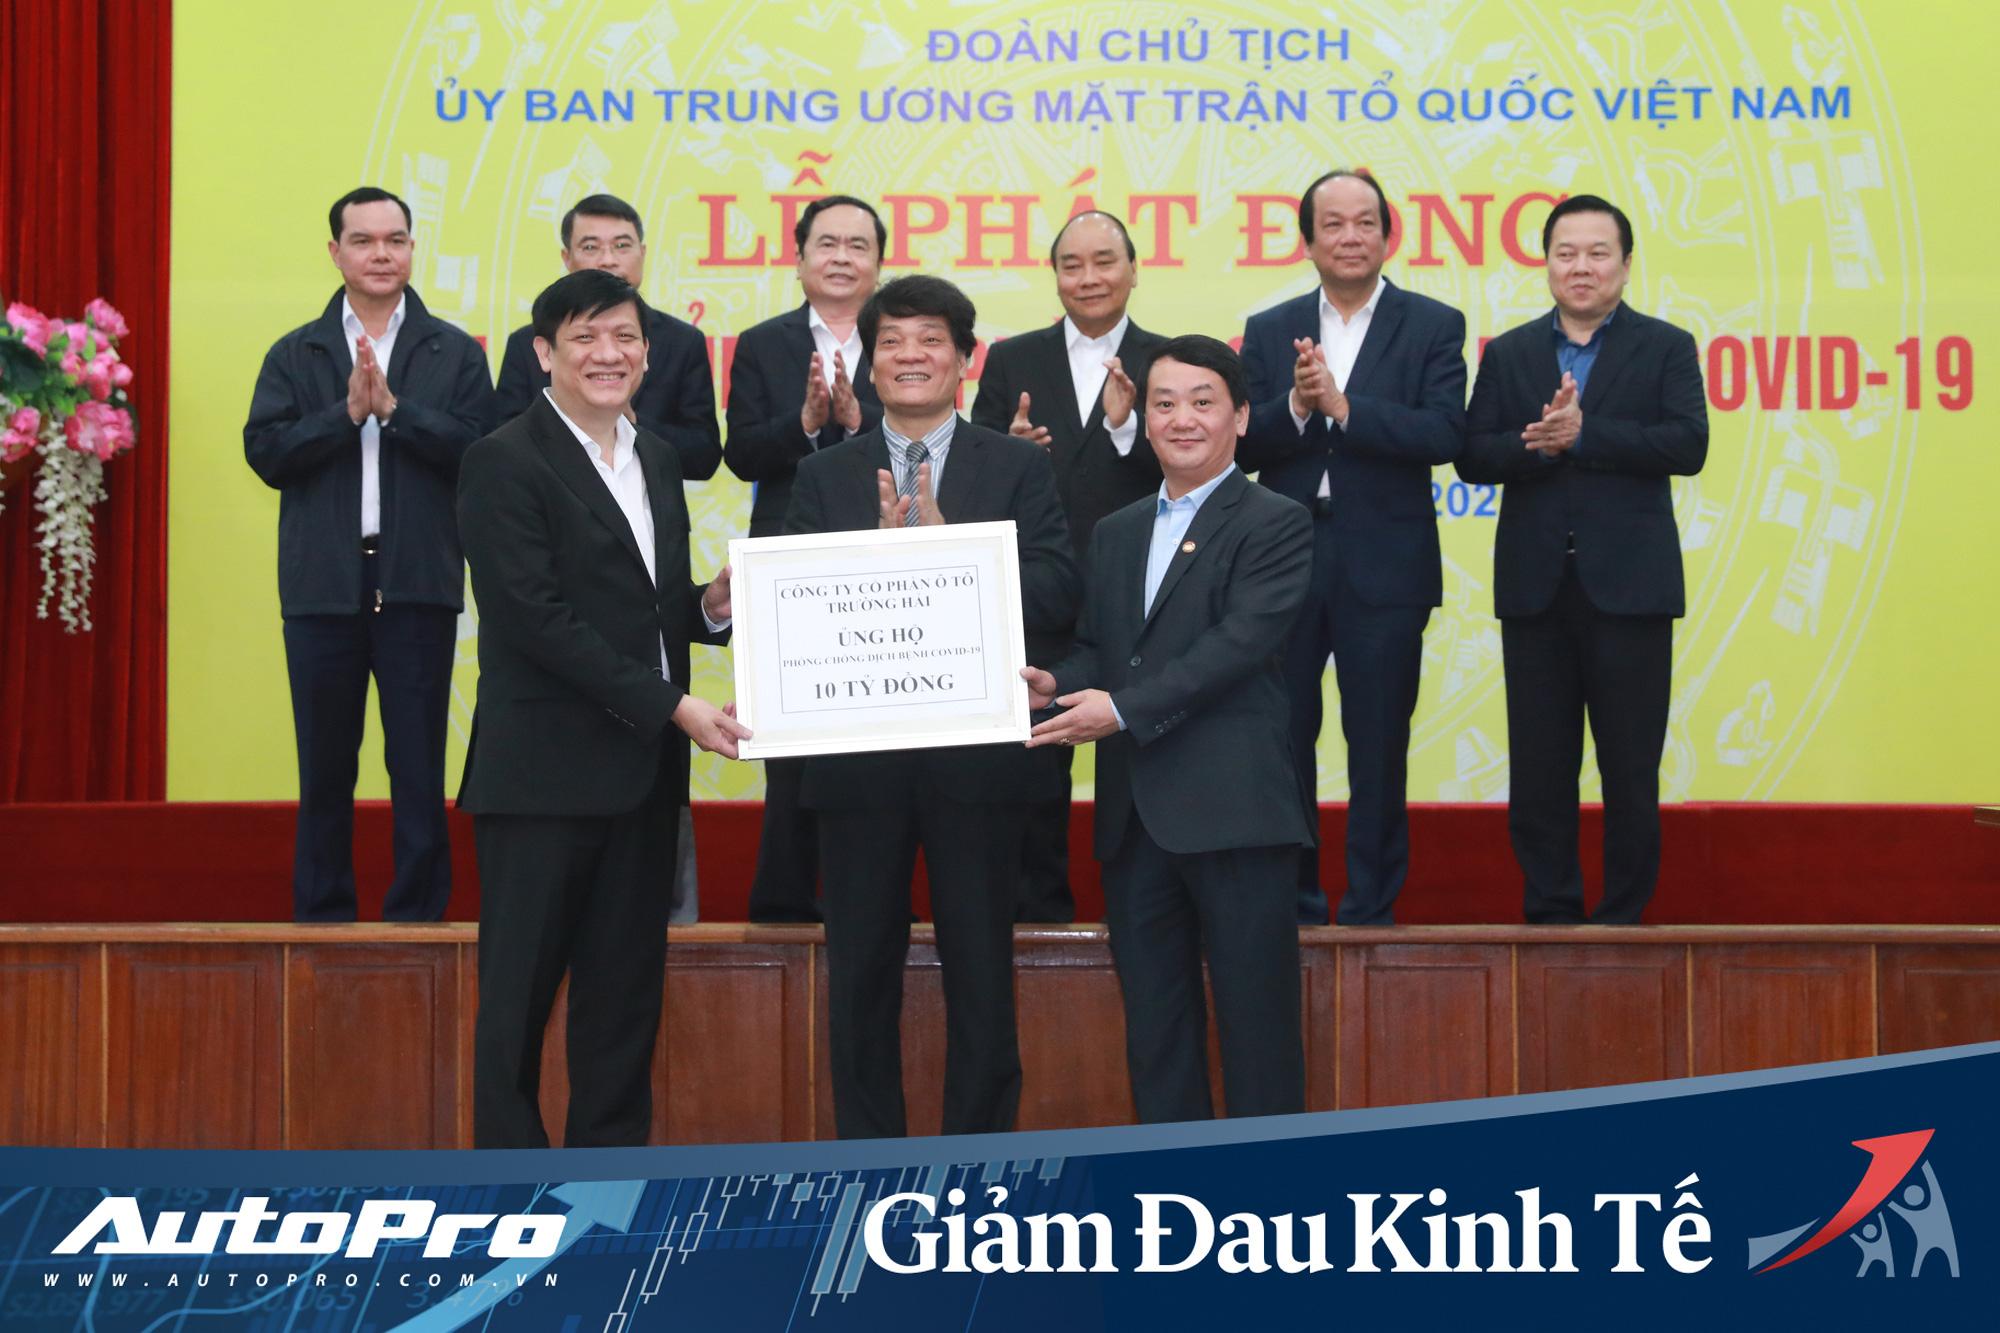 Giữa lúc khó khăn, nhiều hãng xe tại Việt Nam vẫn chi mạnh tay để sát cánh cùng cộng đồng đối phó dịch Covid-19